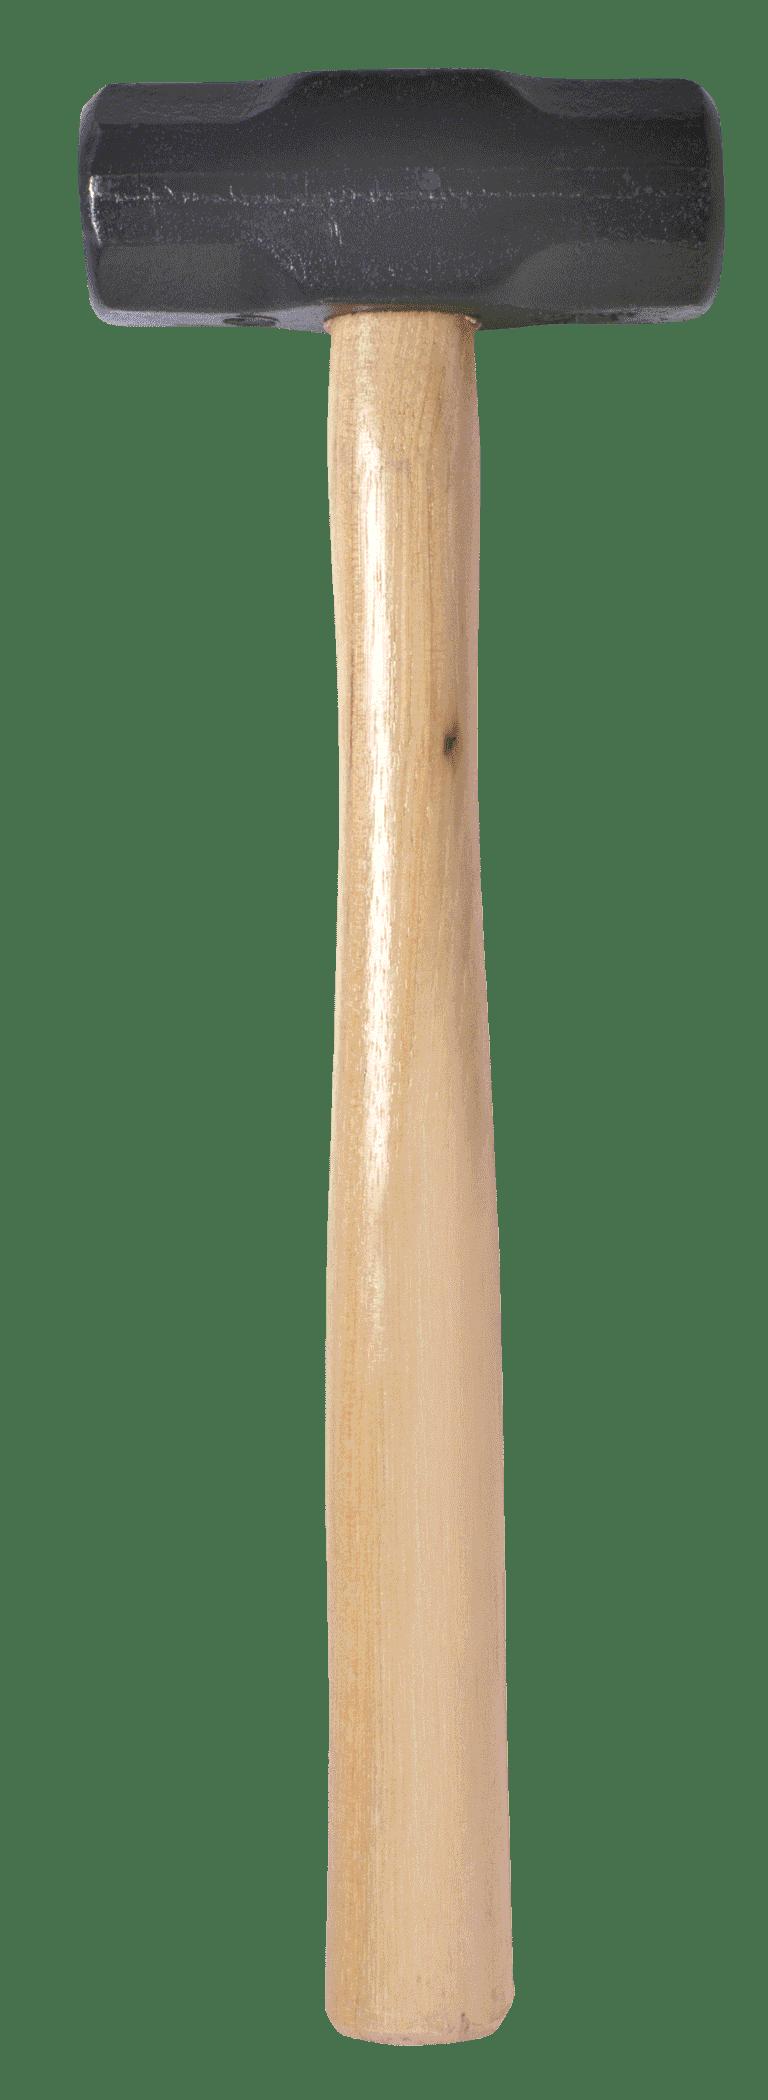 Kitchen utensil, Wood